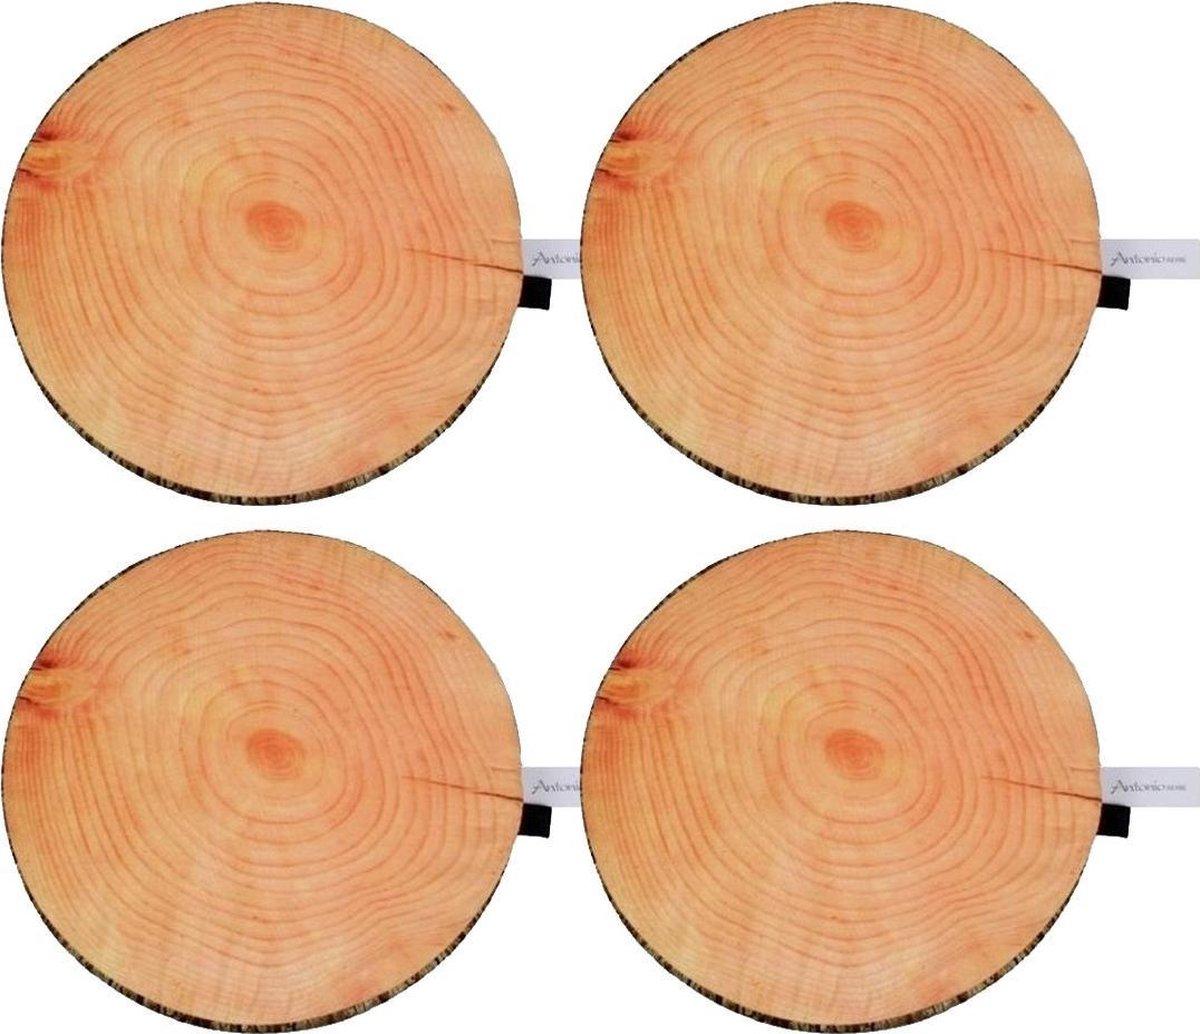 Set van 10x stuks Es boomstronkschijf/boomschijf kussens 40 cm - boomstronkschijven/boomstamschijven/boomschijven kussens